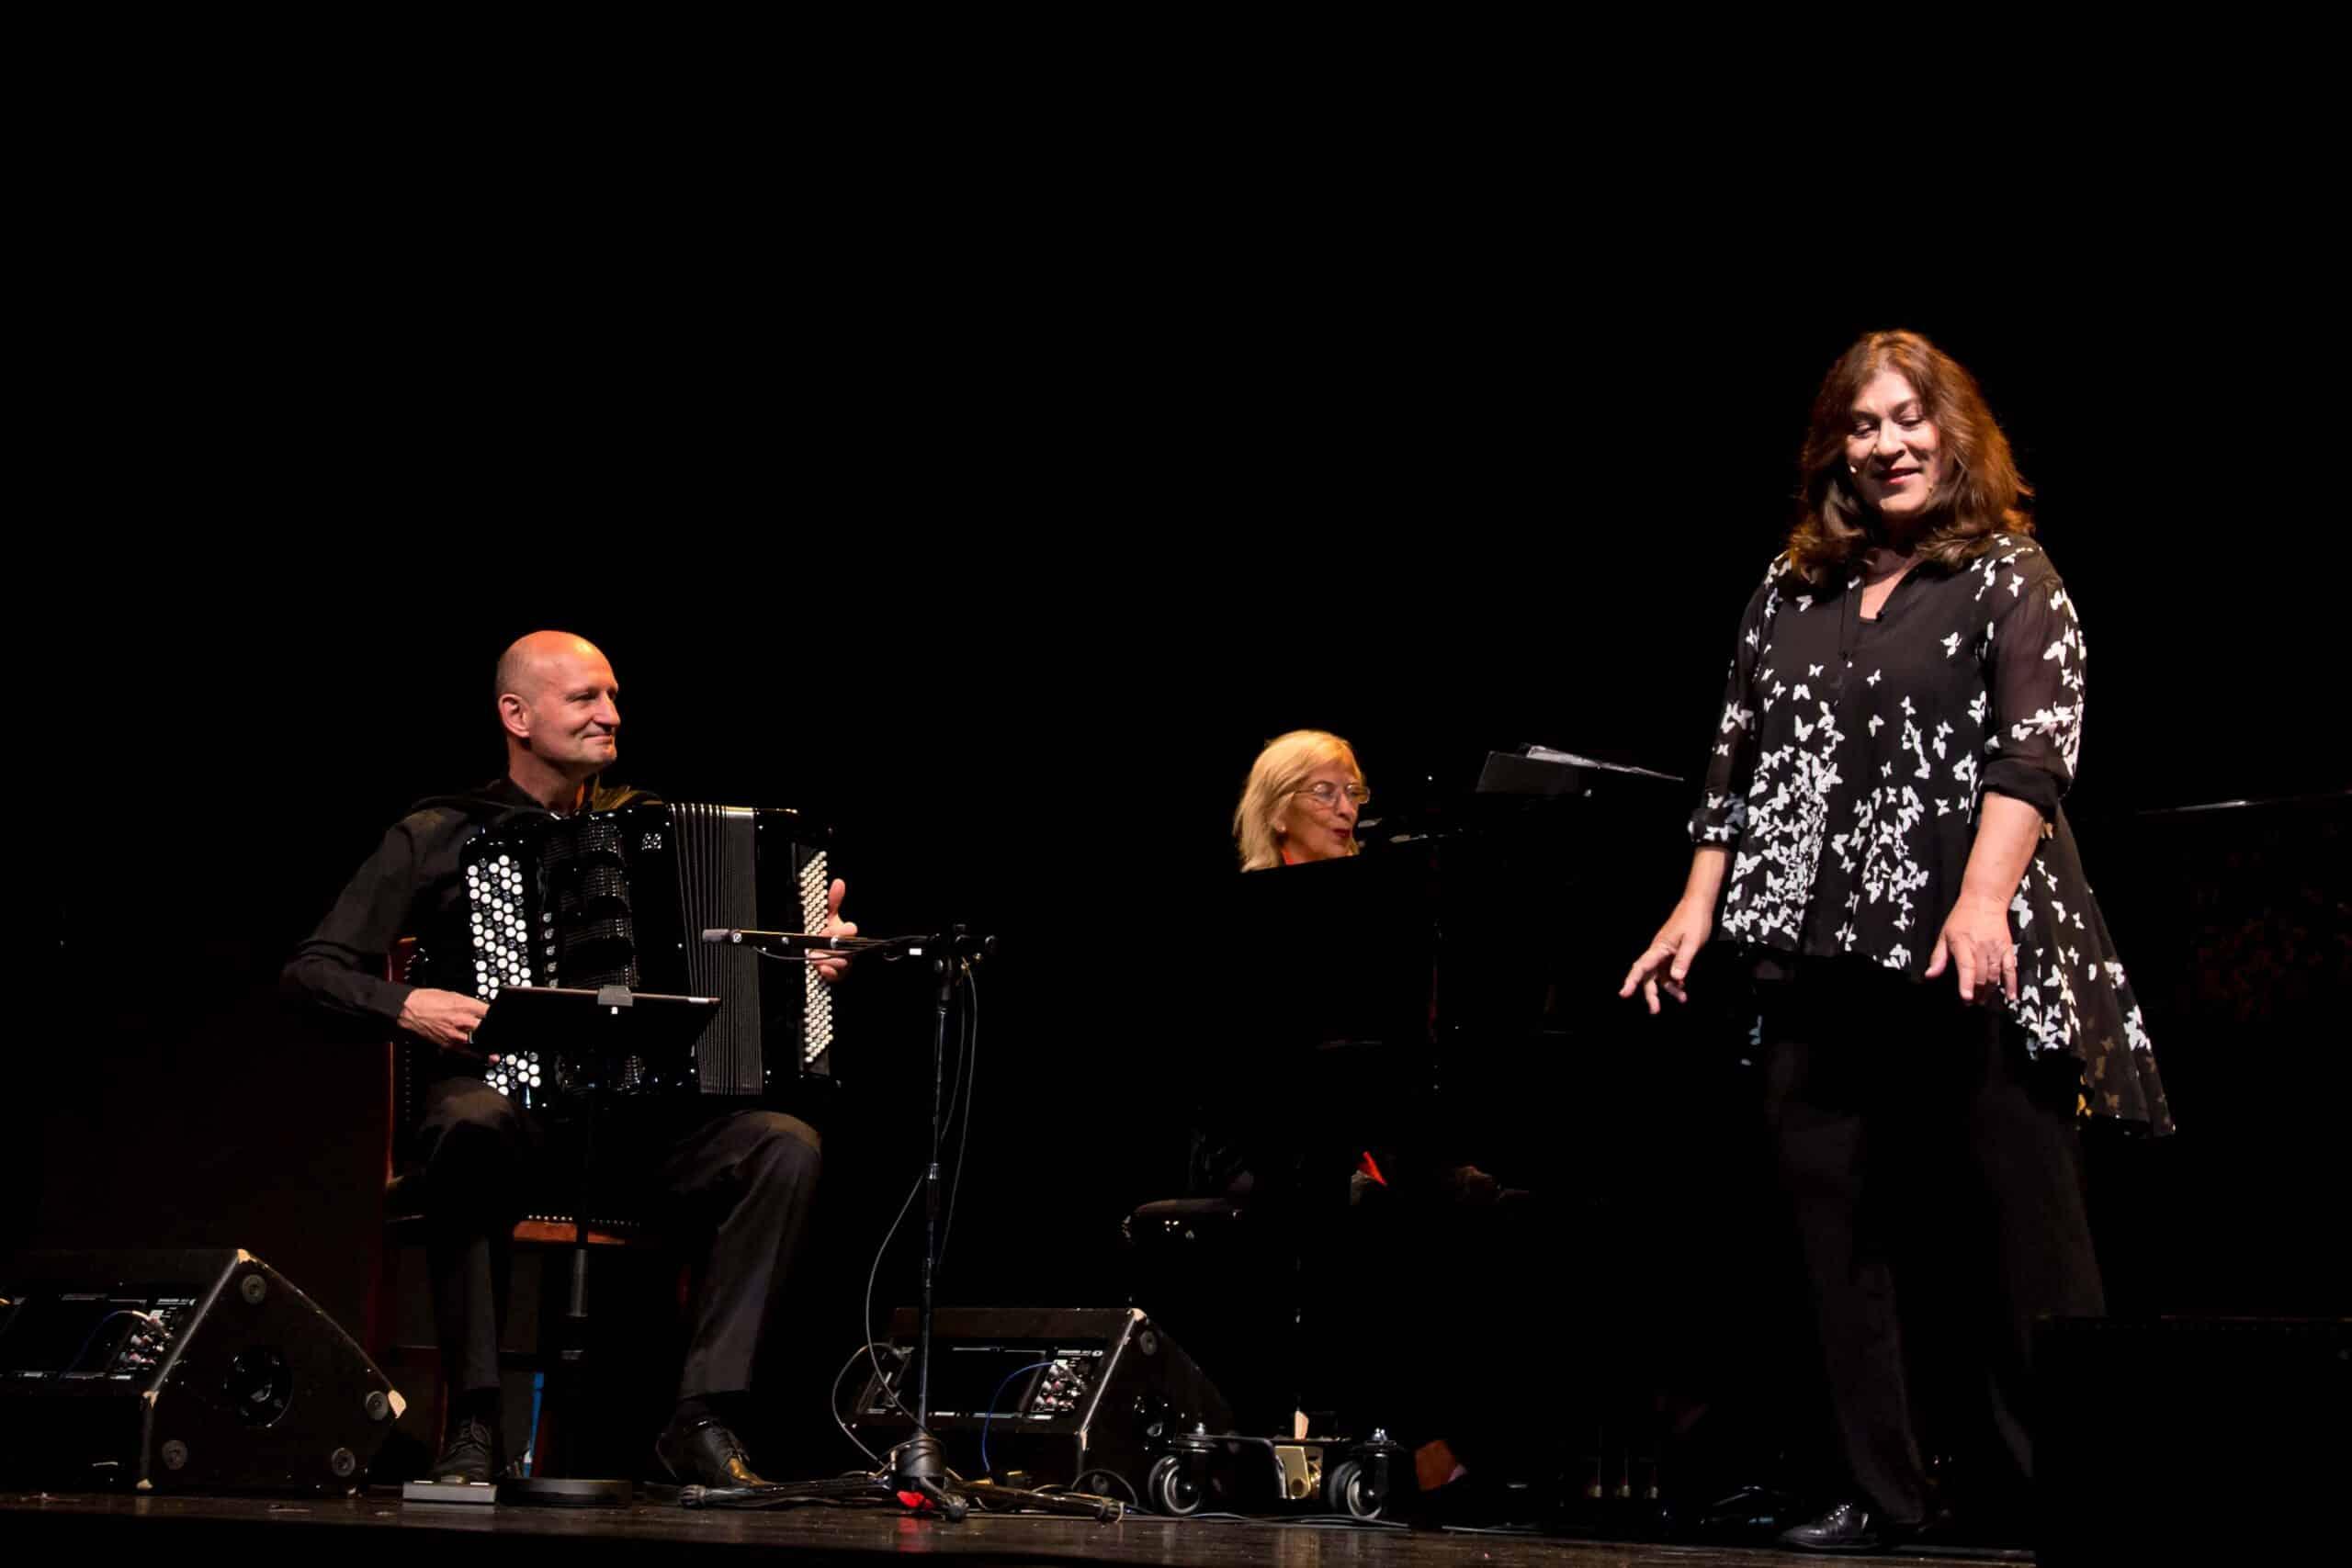 Boten dem Publikum einen rundum gelungenen Abend: Jakob Neubauer, Irmgard Schleier und Eva Mattes. Foto: Alba Falchi / Theater Regensburg.